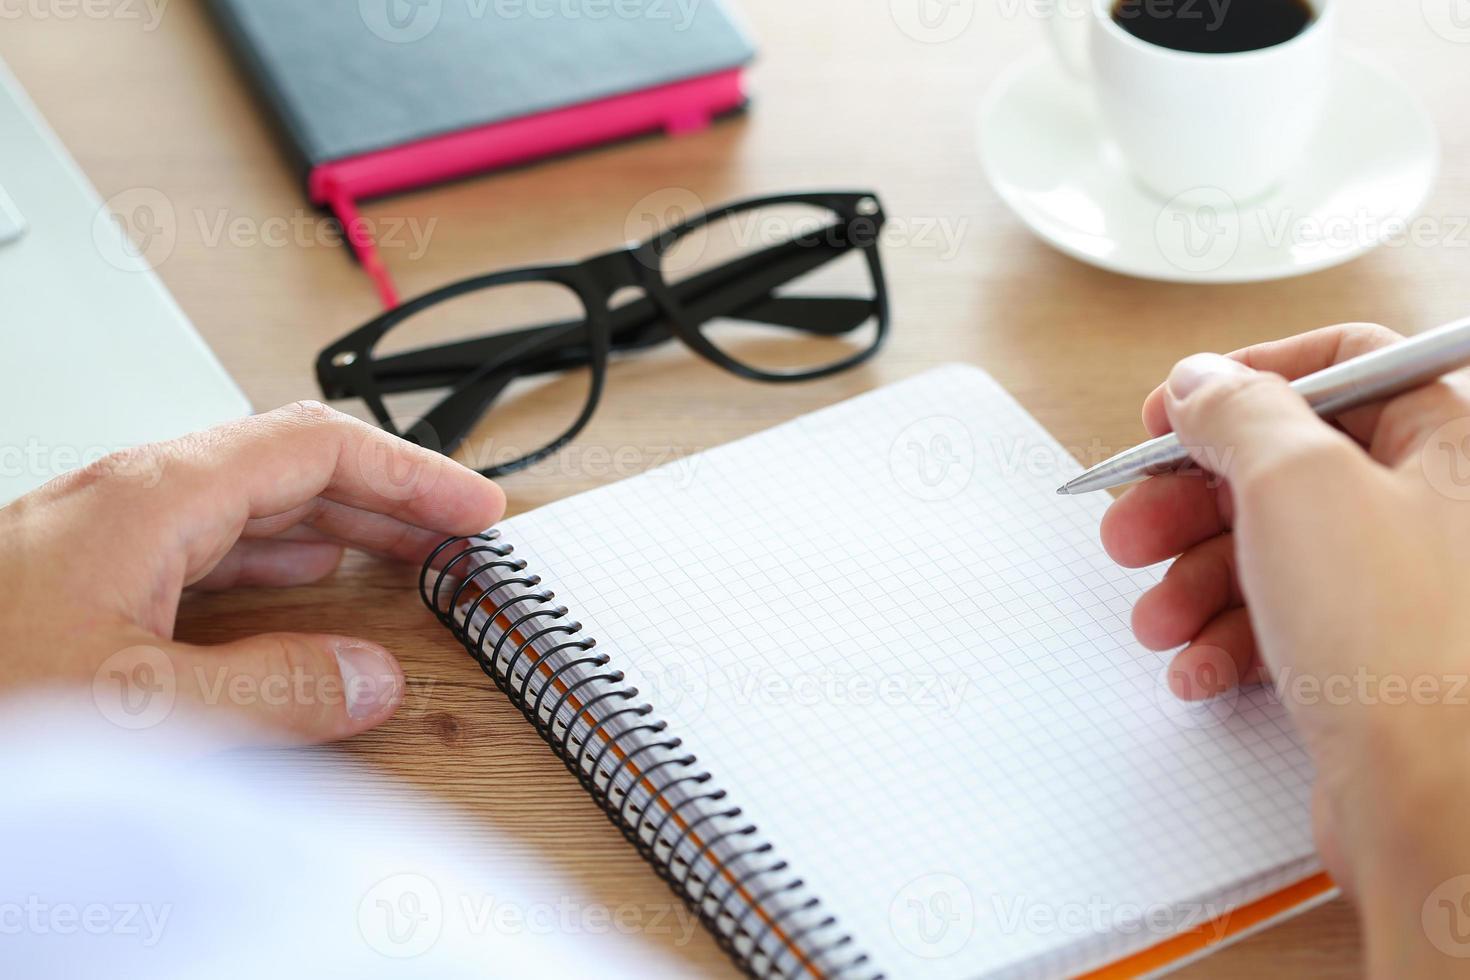 manlig hand som håller silverpenna foto